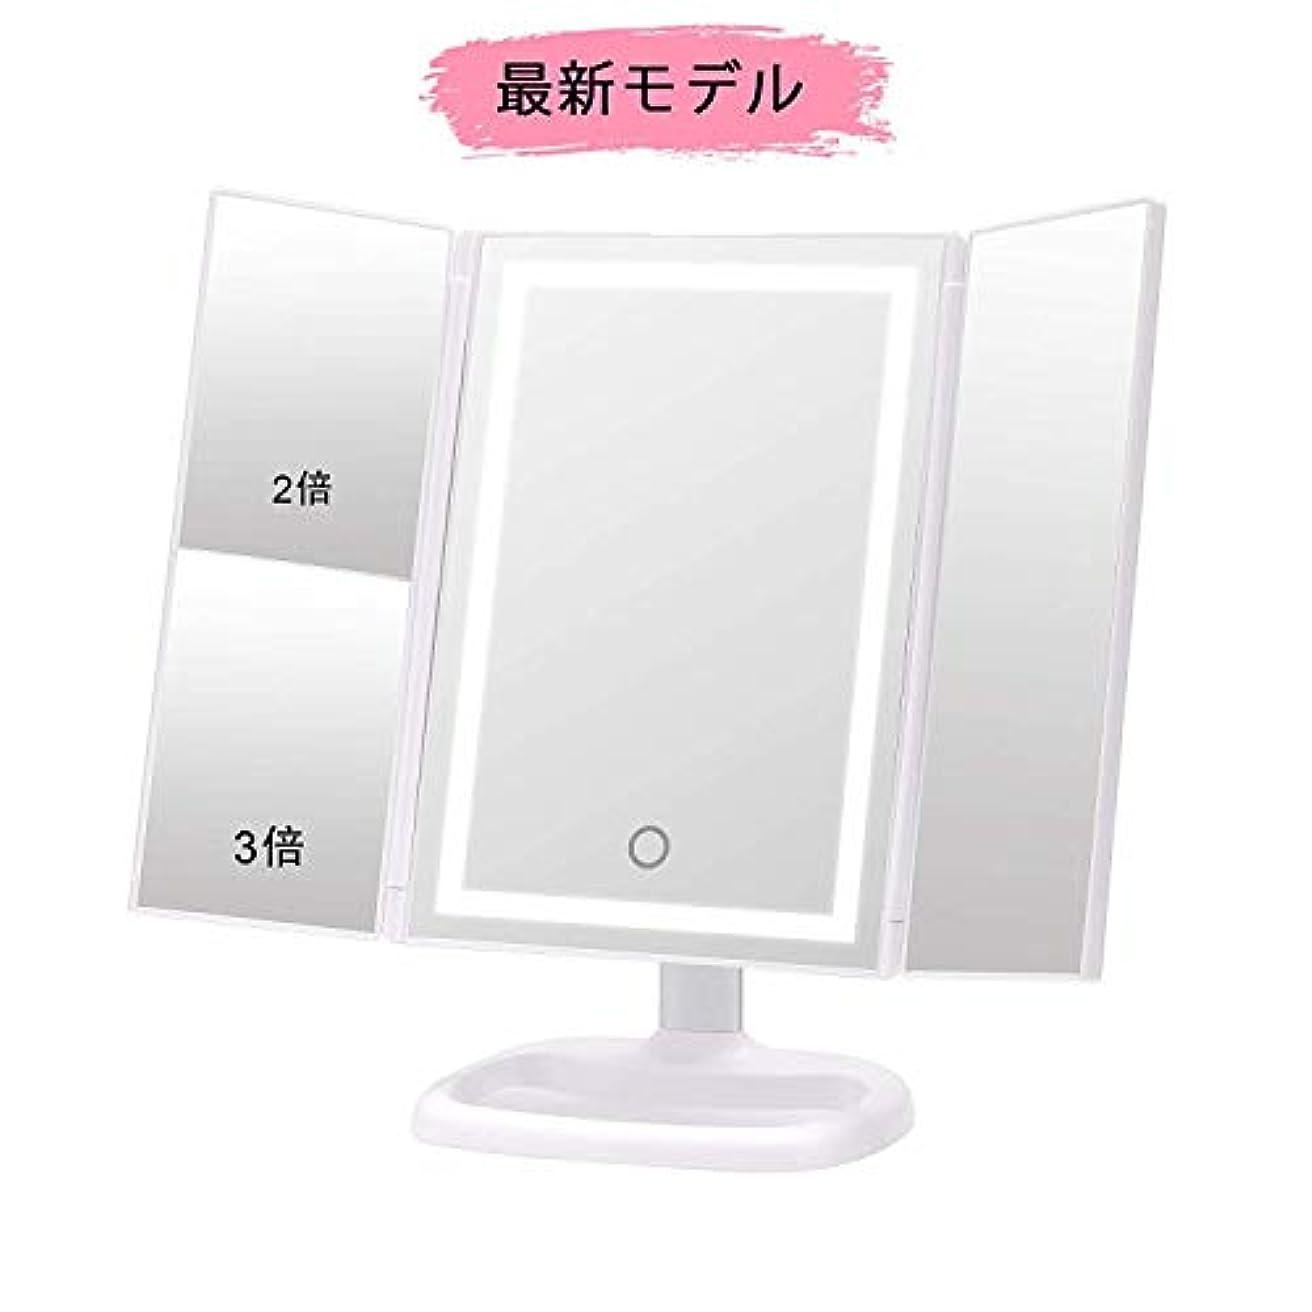 YEEZEN最新モデル 化粧鏡 led 柔らかい光 三面鏡 2&3倍 無段階調光 180°回転 拡大鏡 化粧鏡 女優ライト 卓上 拡大鏡 化粧ミラー 折りたたみ 持ち運び コンパクト